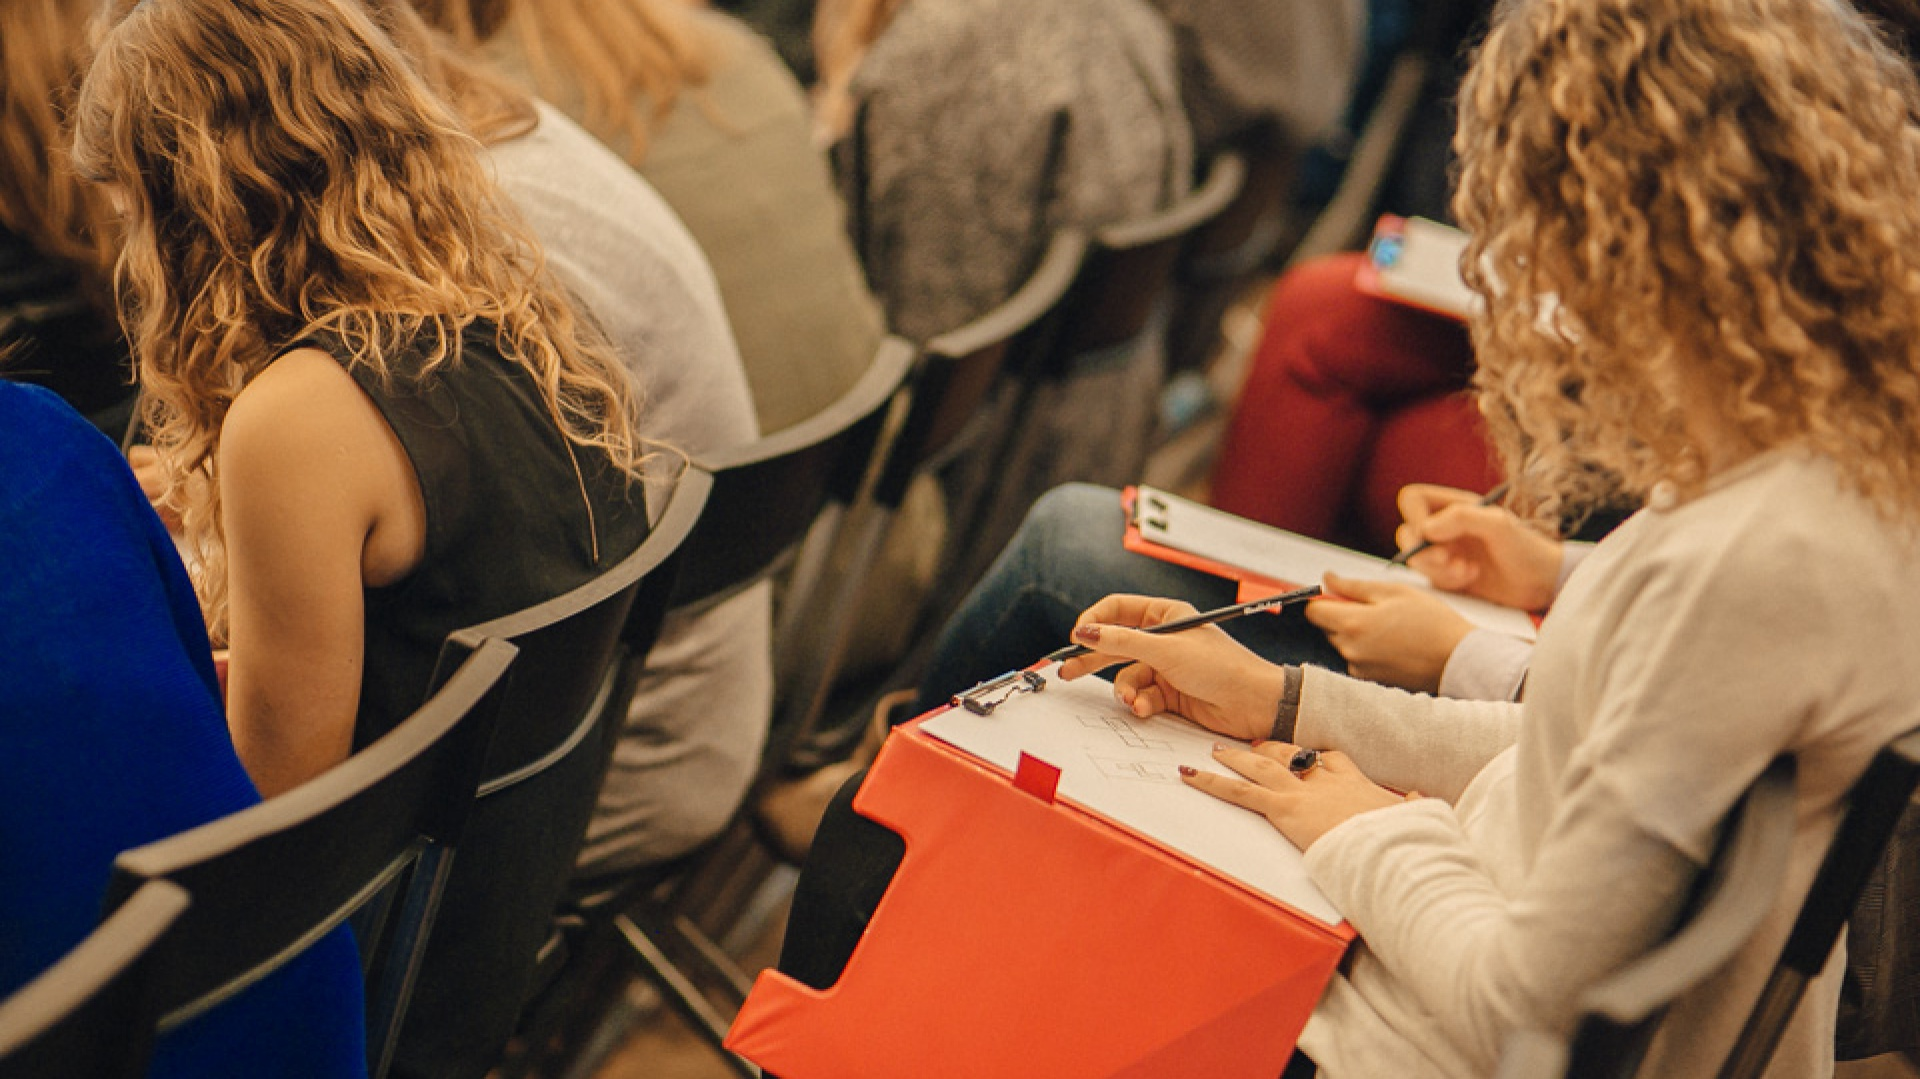 Zintegrowaną częścią Konkursu są Dni Młodego Architekta, podczas których organizowane są warsztaty edukacyjne dla studentów architektury oraz architektów. Fot. Materiały prasowe